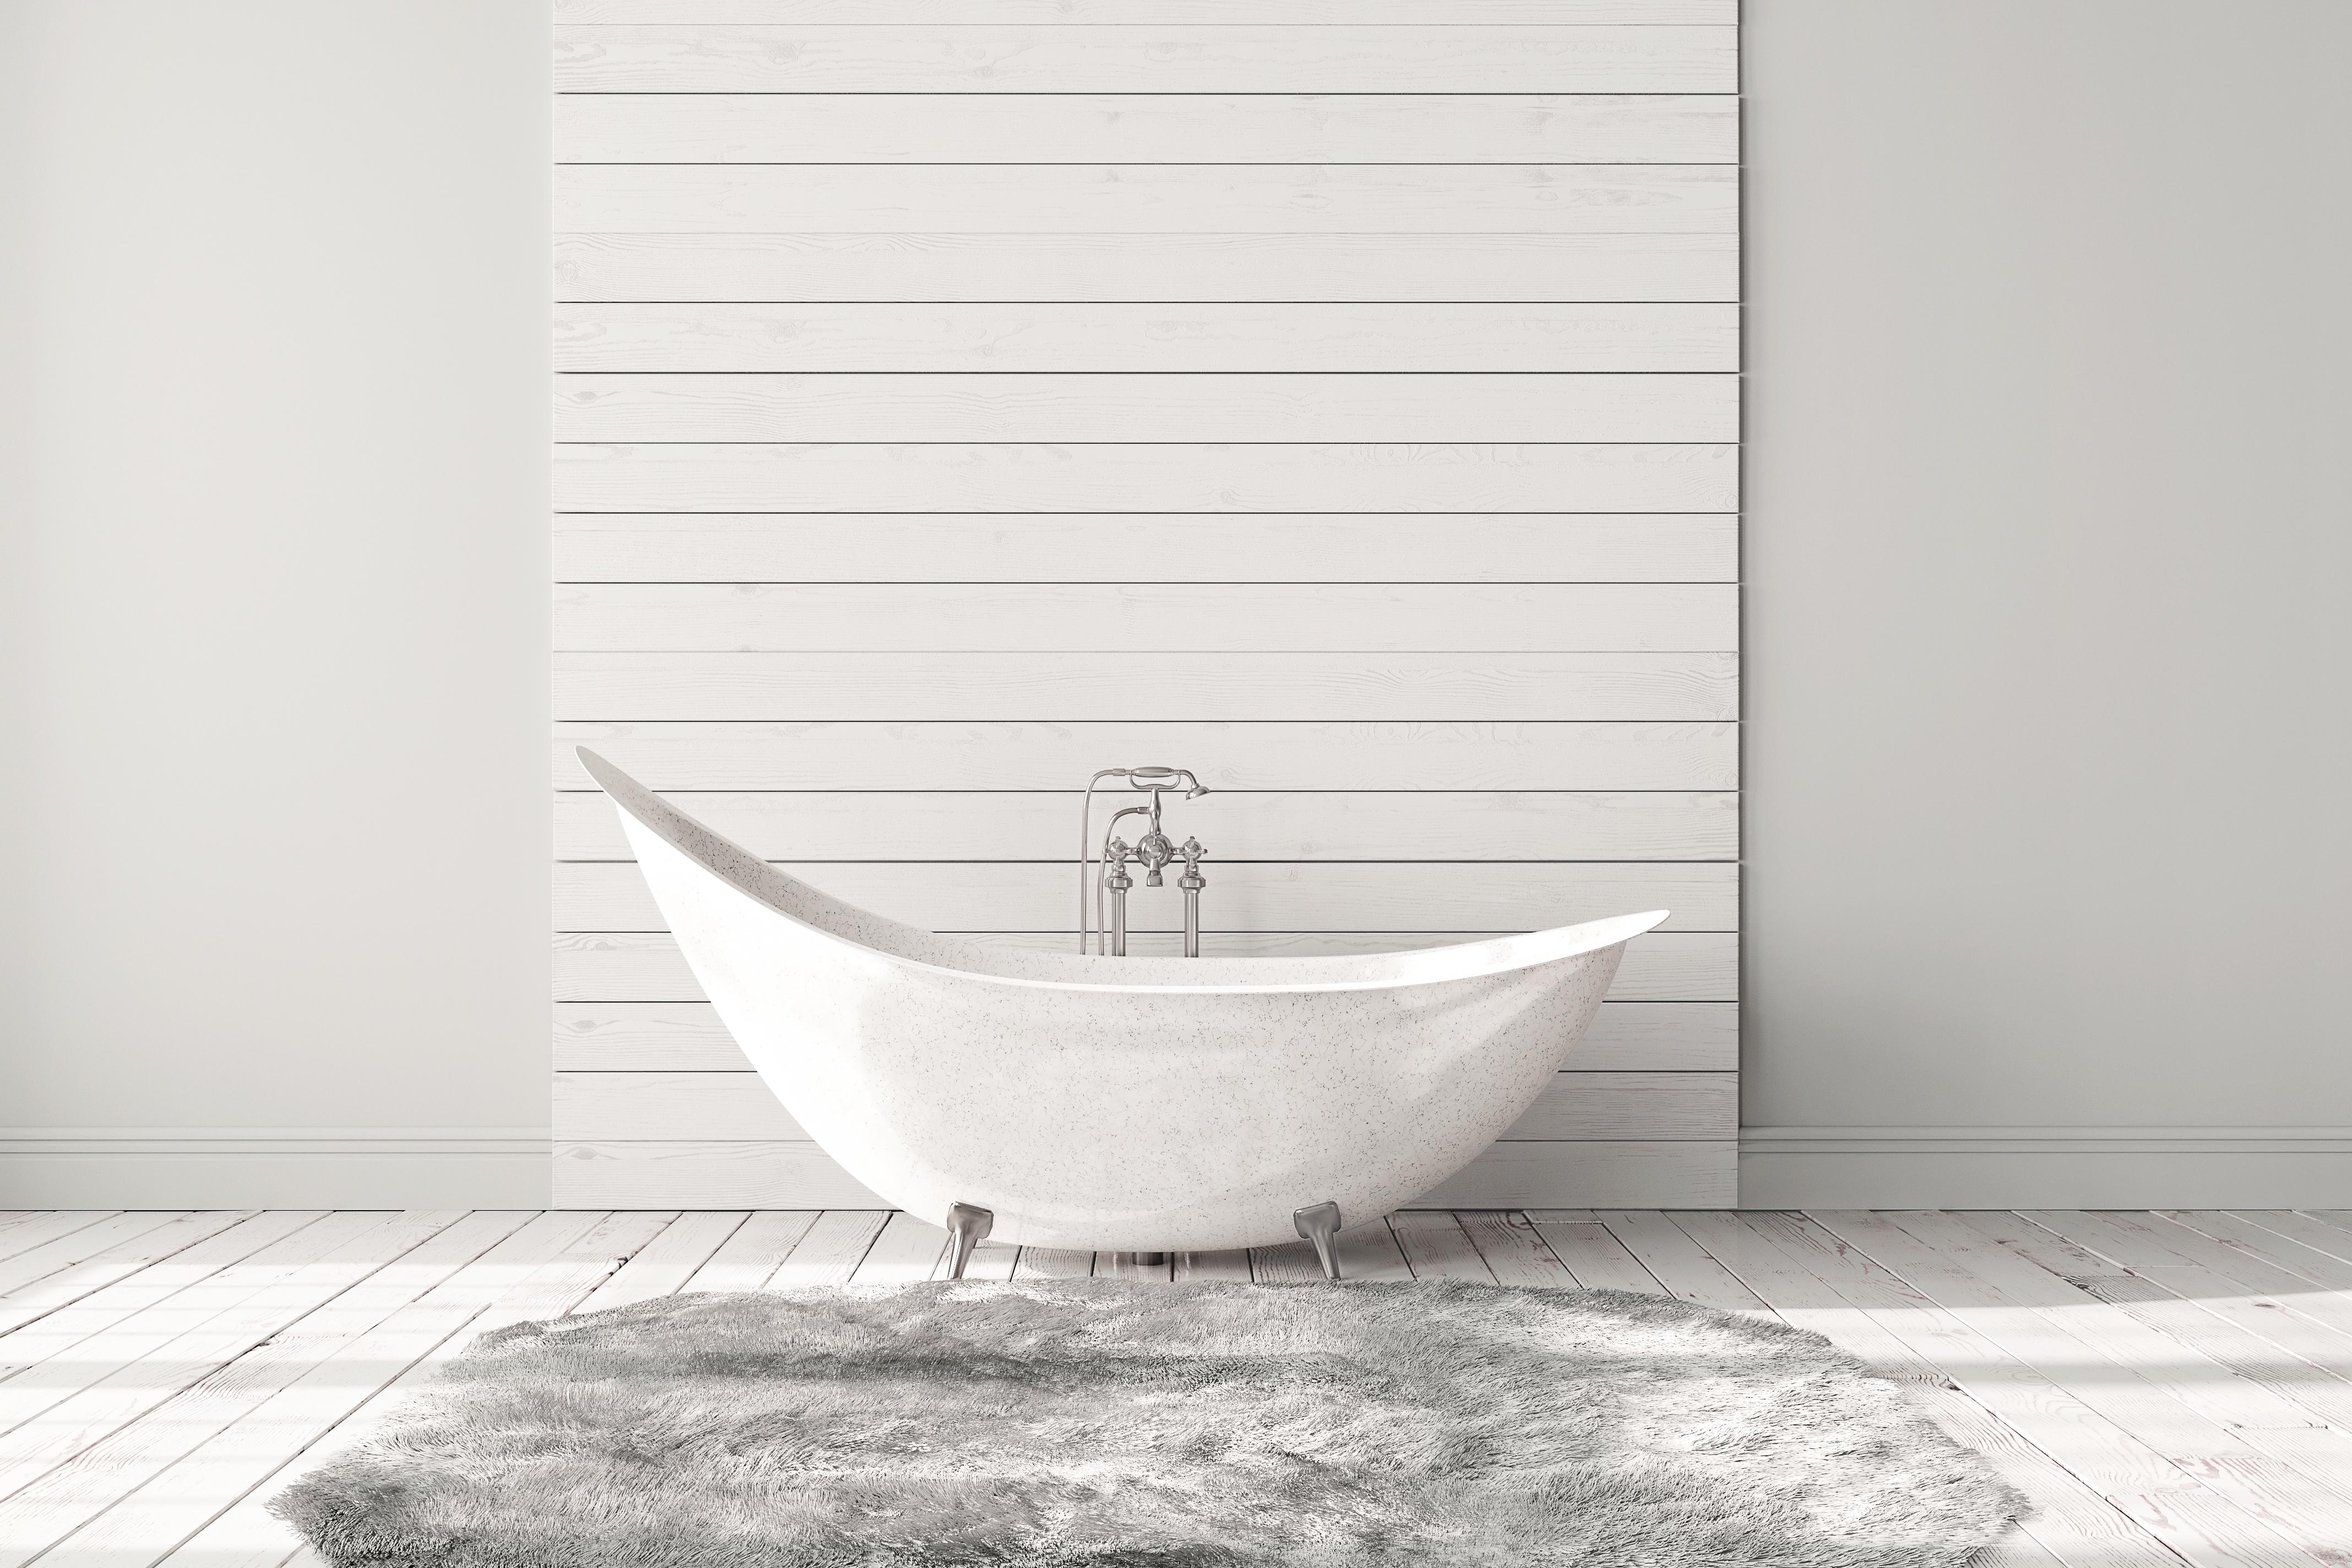 Storslået MALING AF BADEKAR (Emaljering af badekar) ➜ Professionel emaljering! VV61